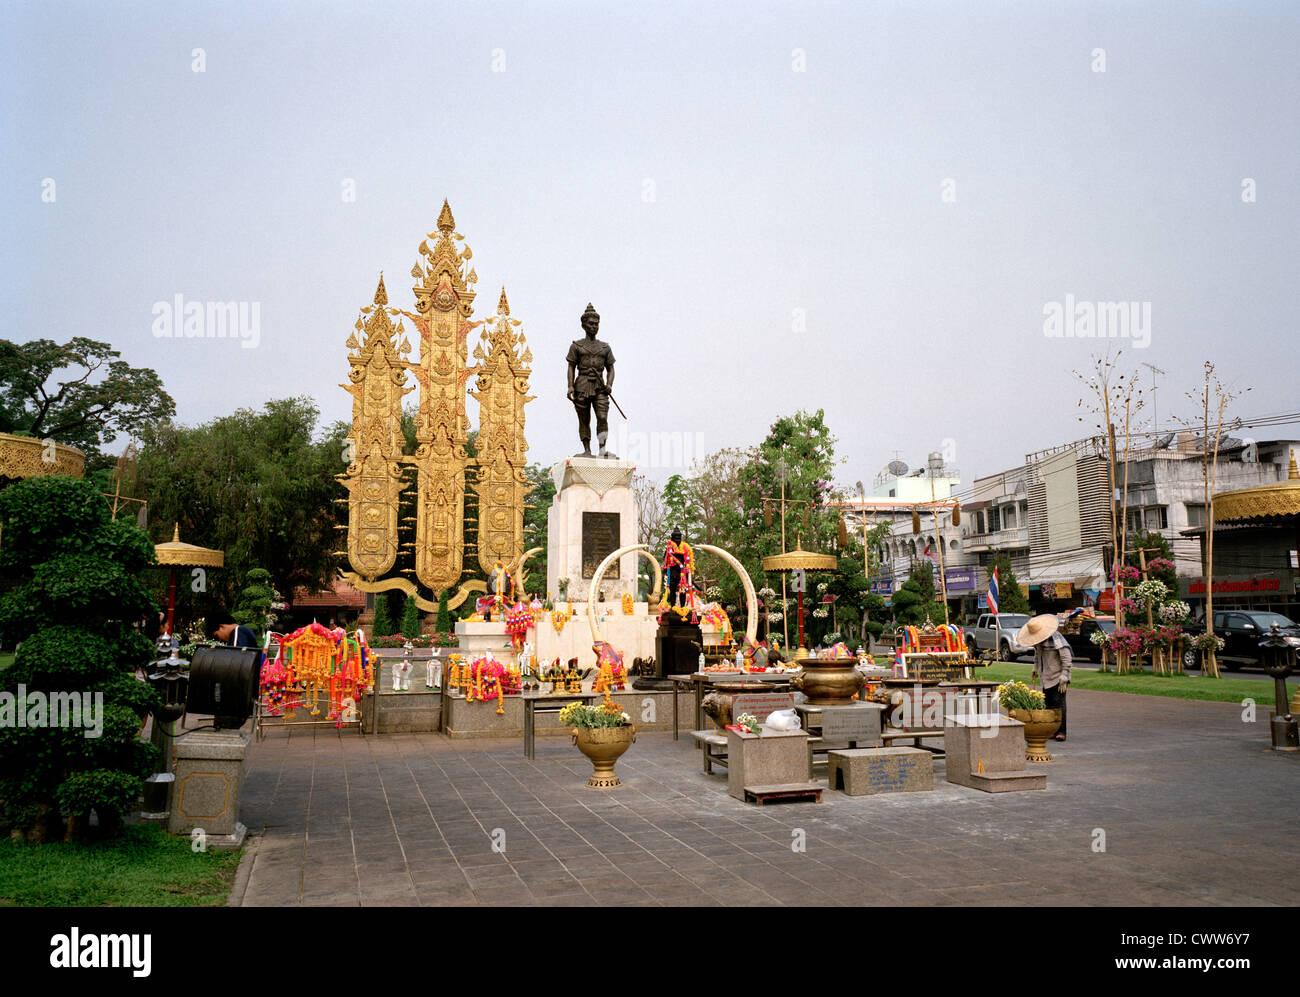 Phuket e una delle localita con il piu alto costo della vita in Tailandia.